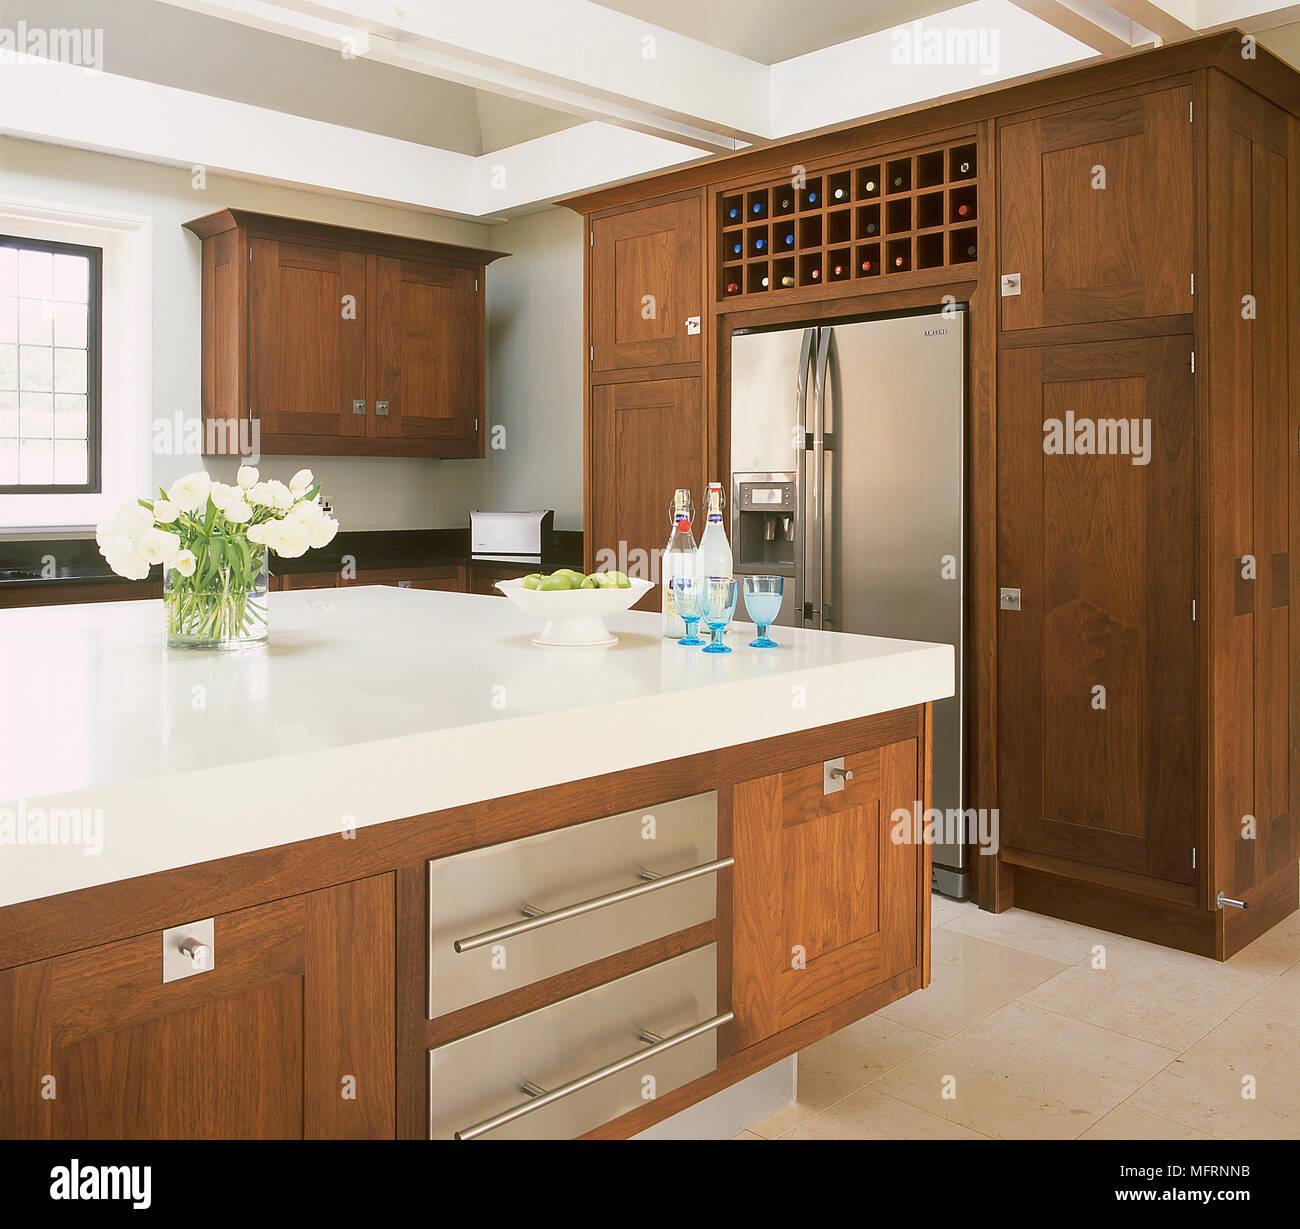 Moderne Kuche Mit Kochinsel Und Holz Einheiten Stockfoto